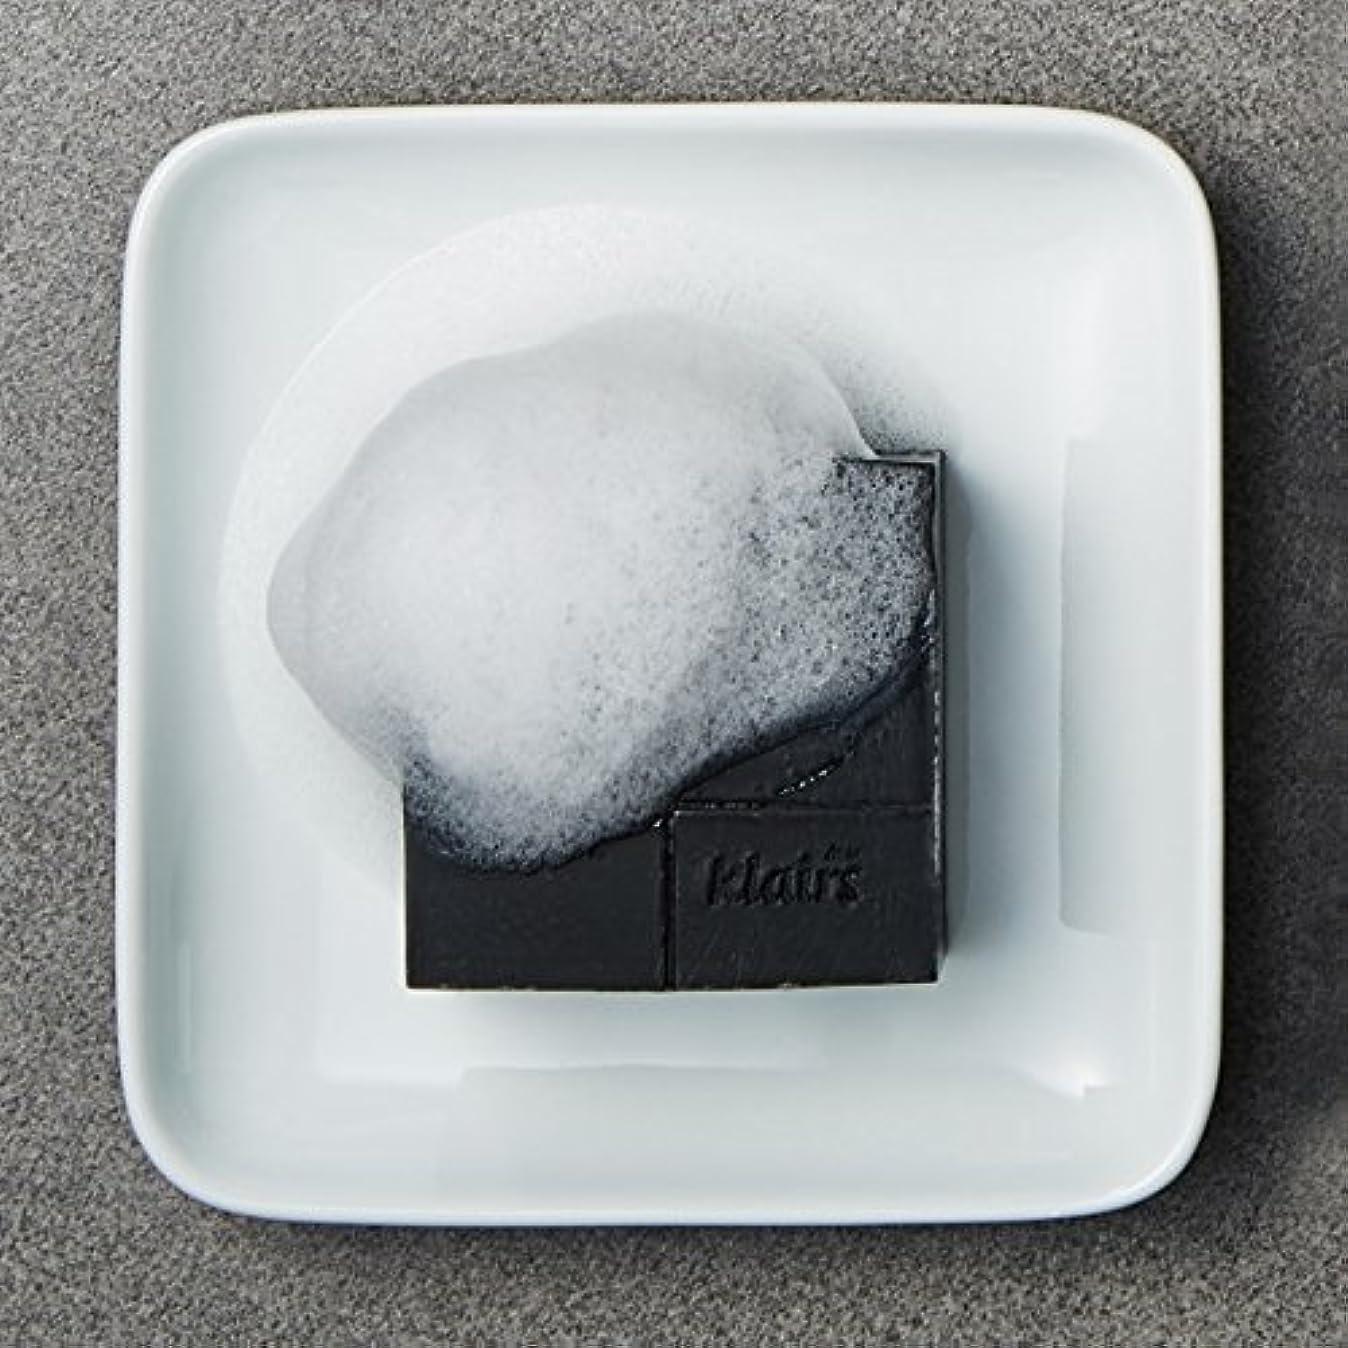 パノラマ追加するおかしいKLAIRS(クレアズ) ジェントルブラックシュガーチャコール石けん, Gentle Black Sugar Charcol Soap 120g [並行輸入品]